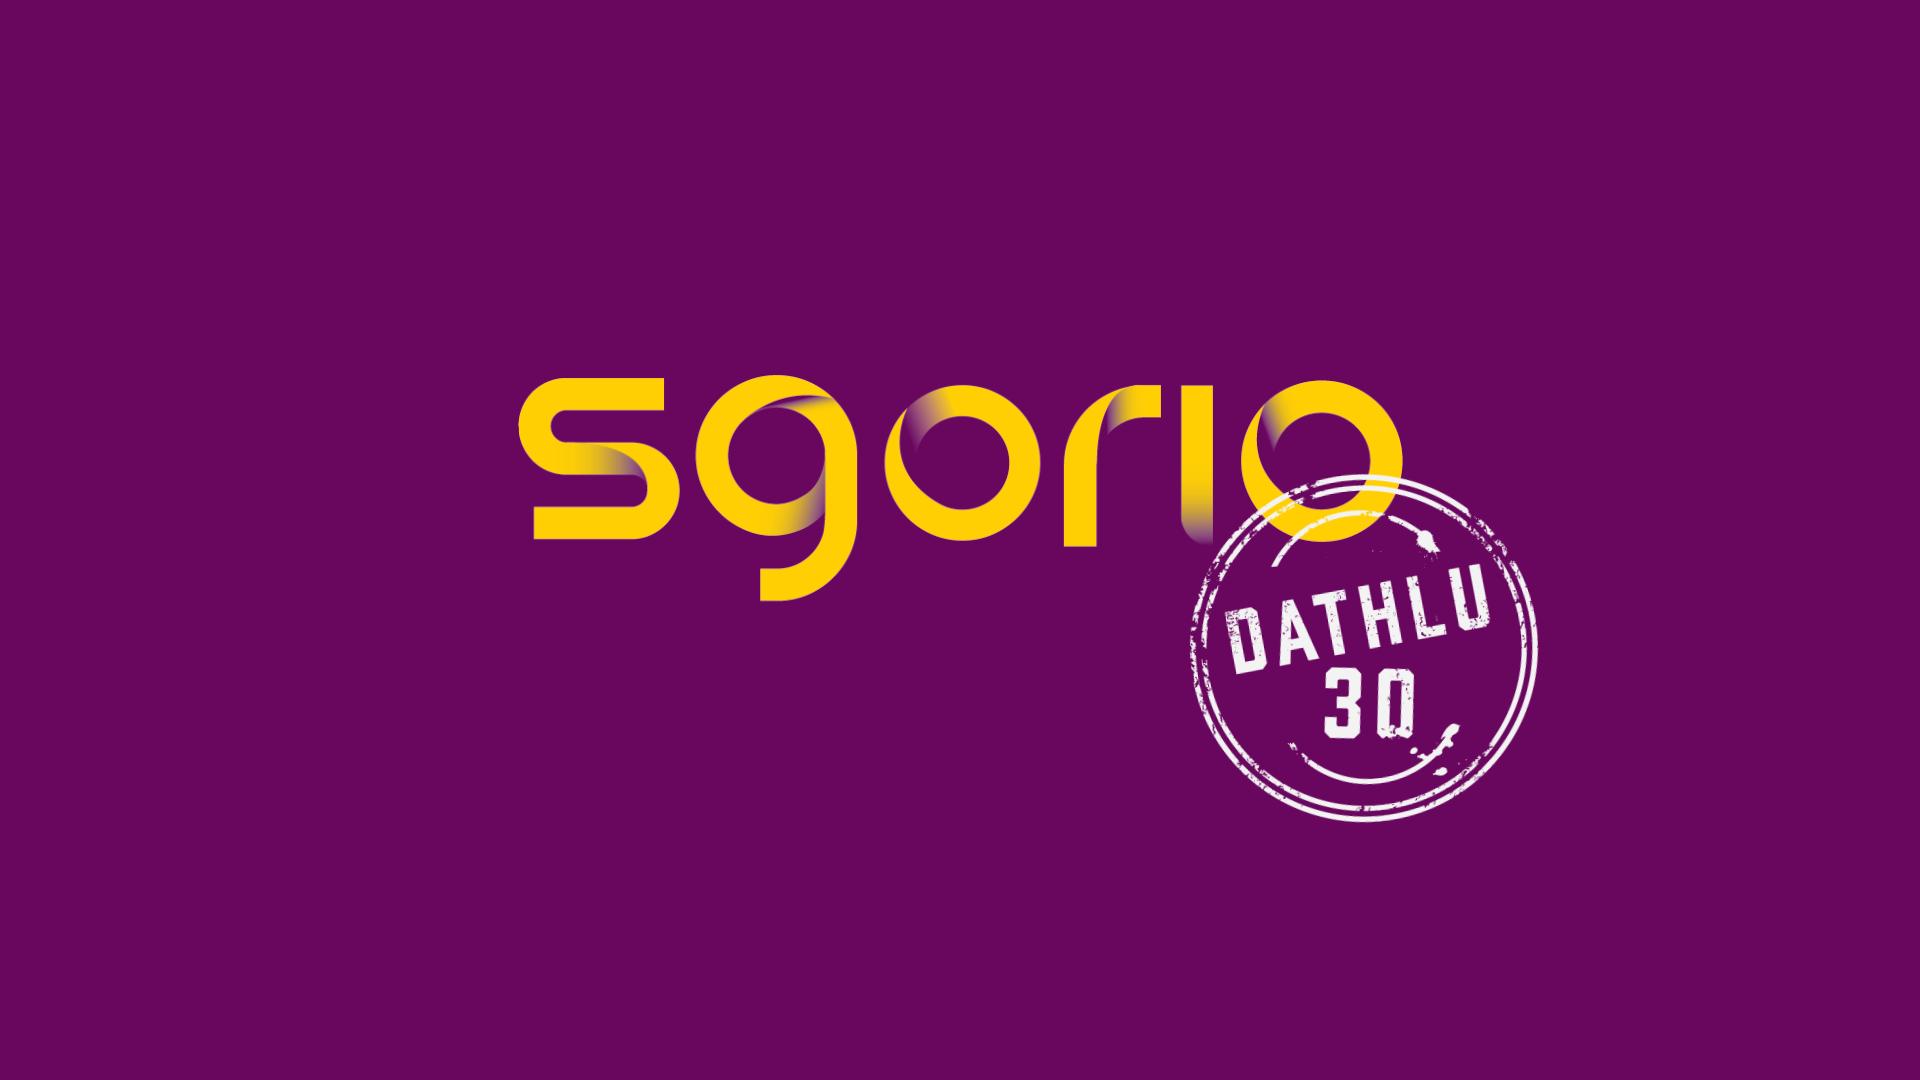 sgorio-30